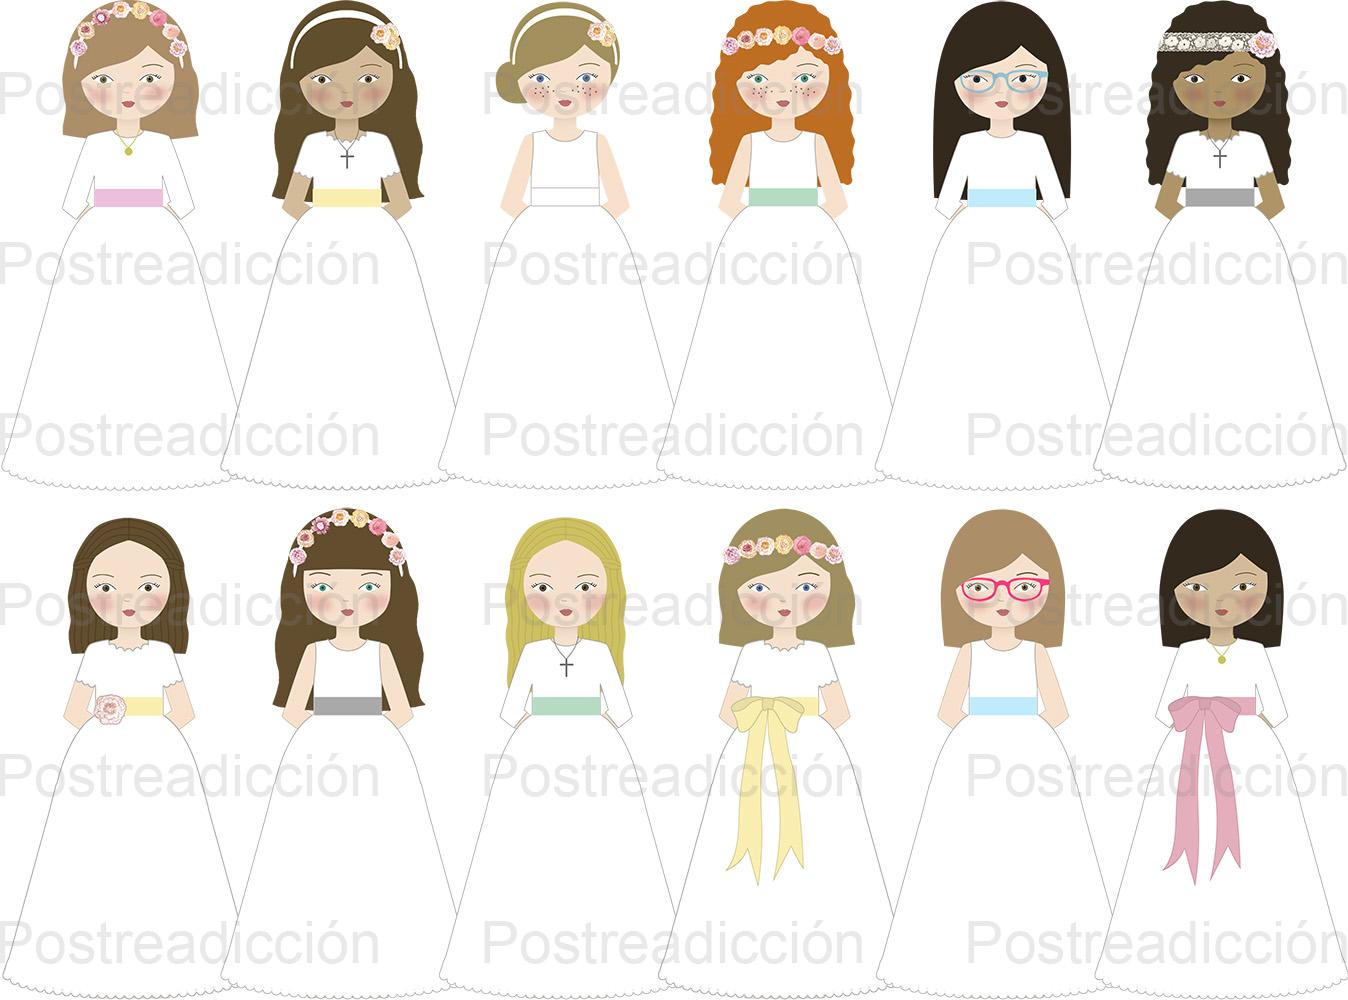 Imagen de producto: https://tienda.postreadiccion.com/img/articulos/secundarias4066-5-imanes-de-comunion-carlota-modelo-no-532-2.jpg